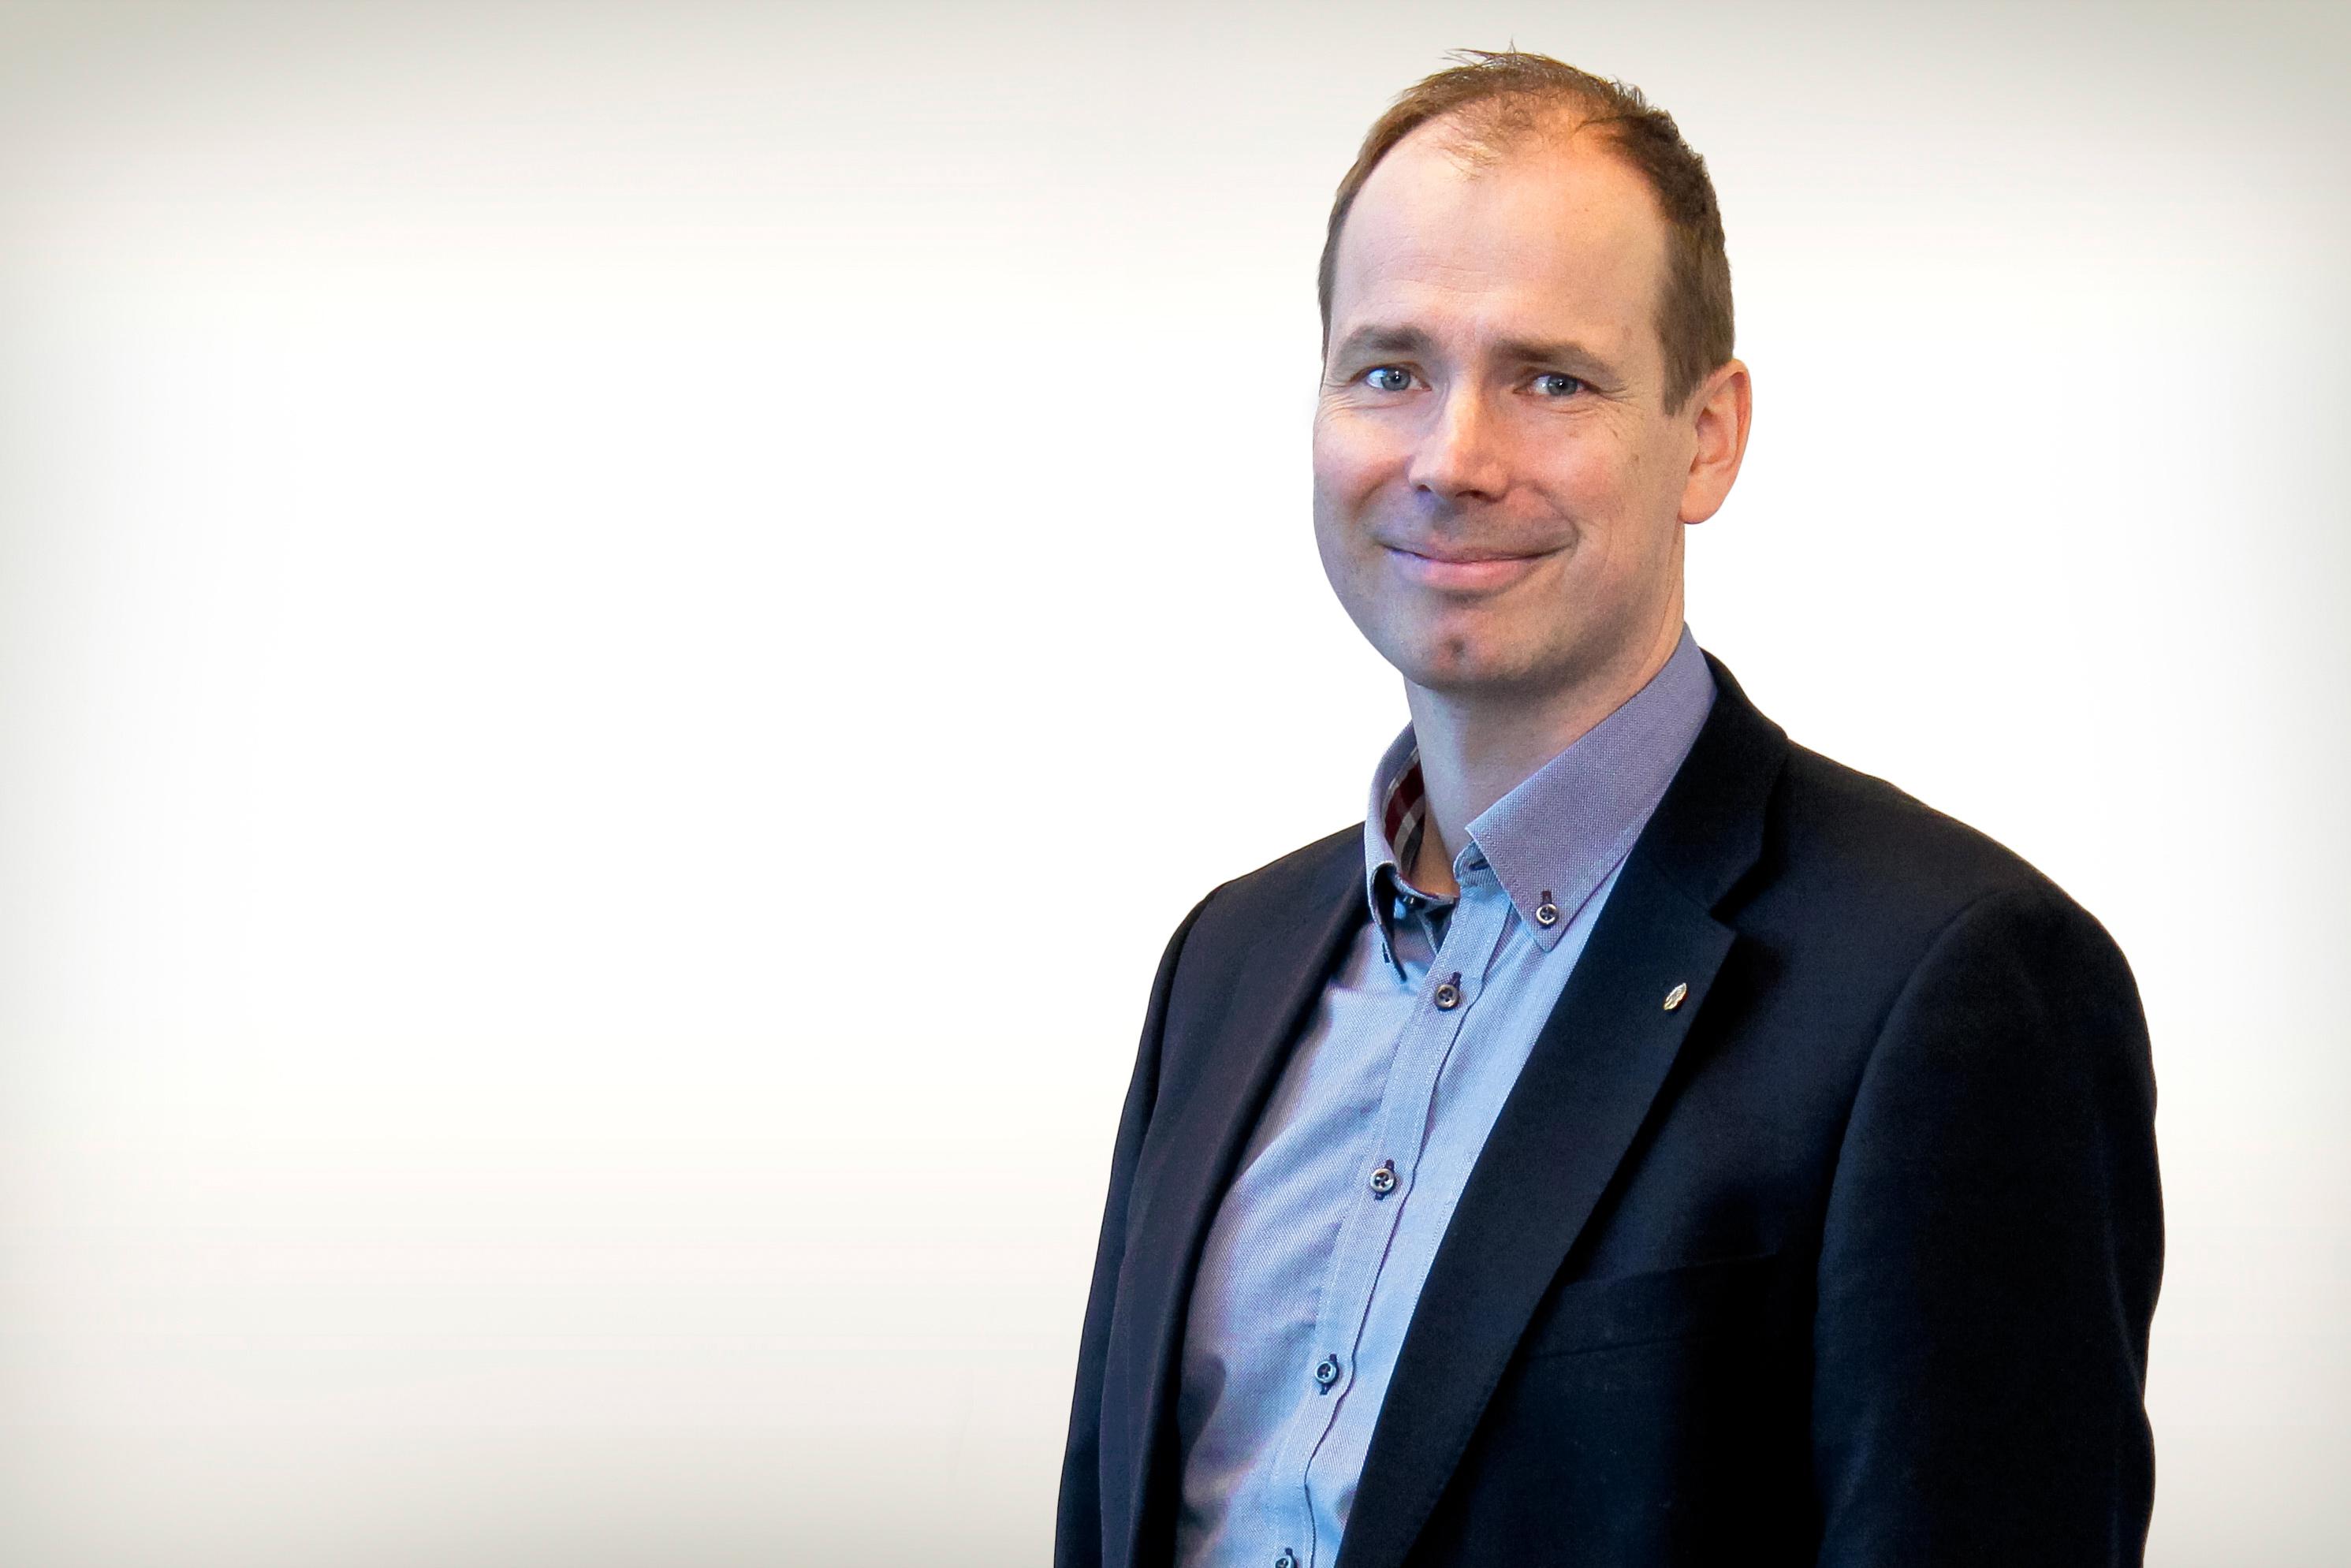 Topi Paananen, CEO, Peikko Group Corporation